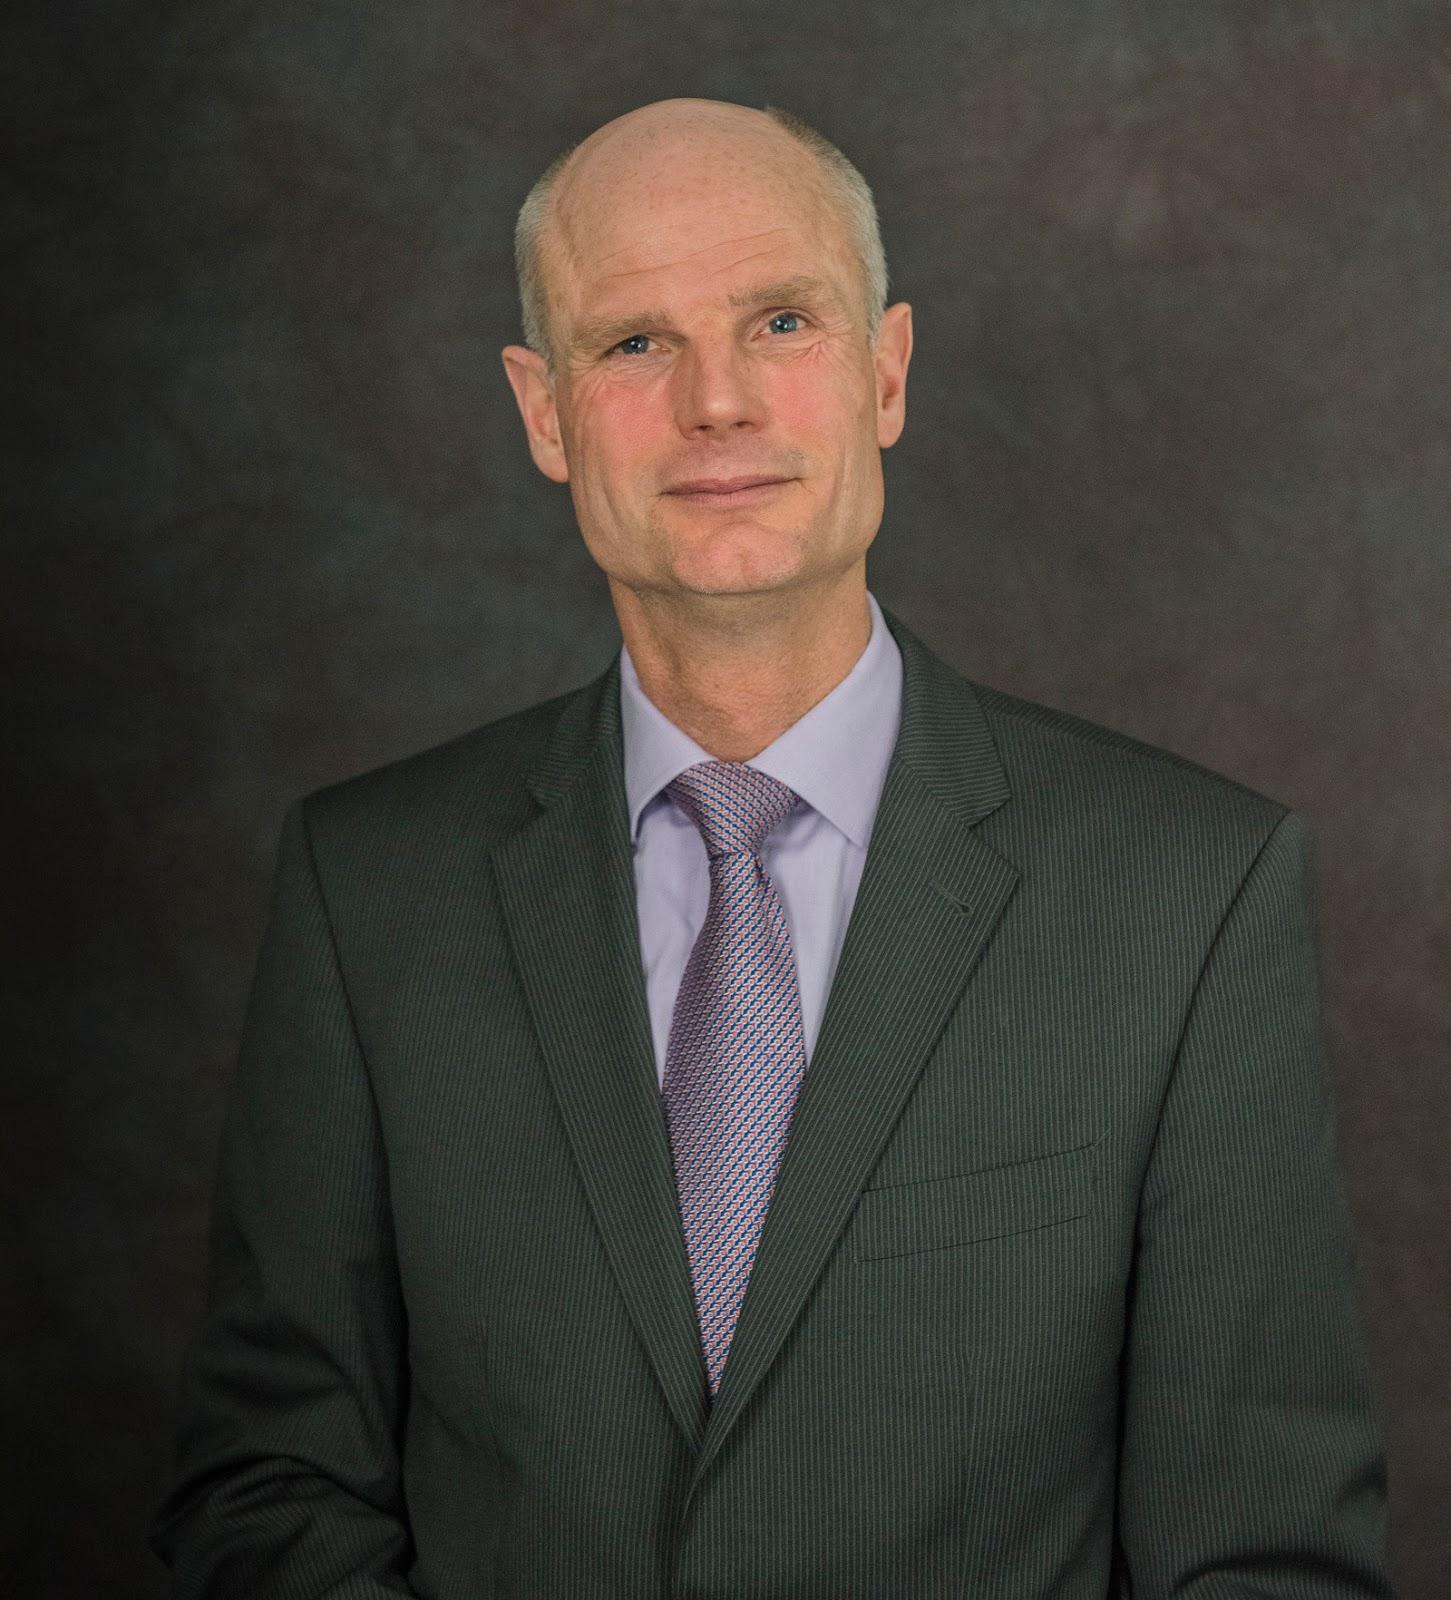 Министр иностранных дел Стеф Блок. Фото: Ministerie van Buitenlandse Zaken.